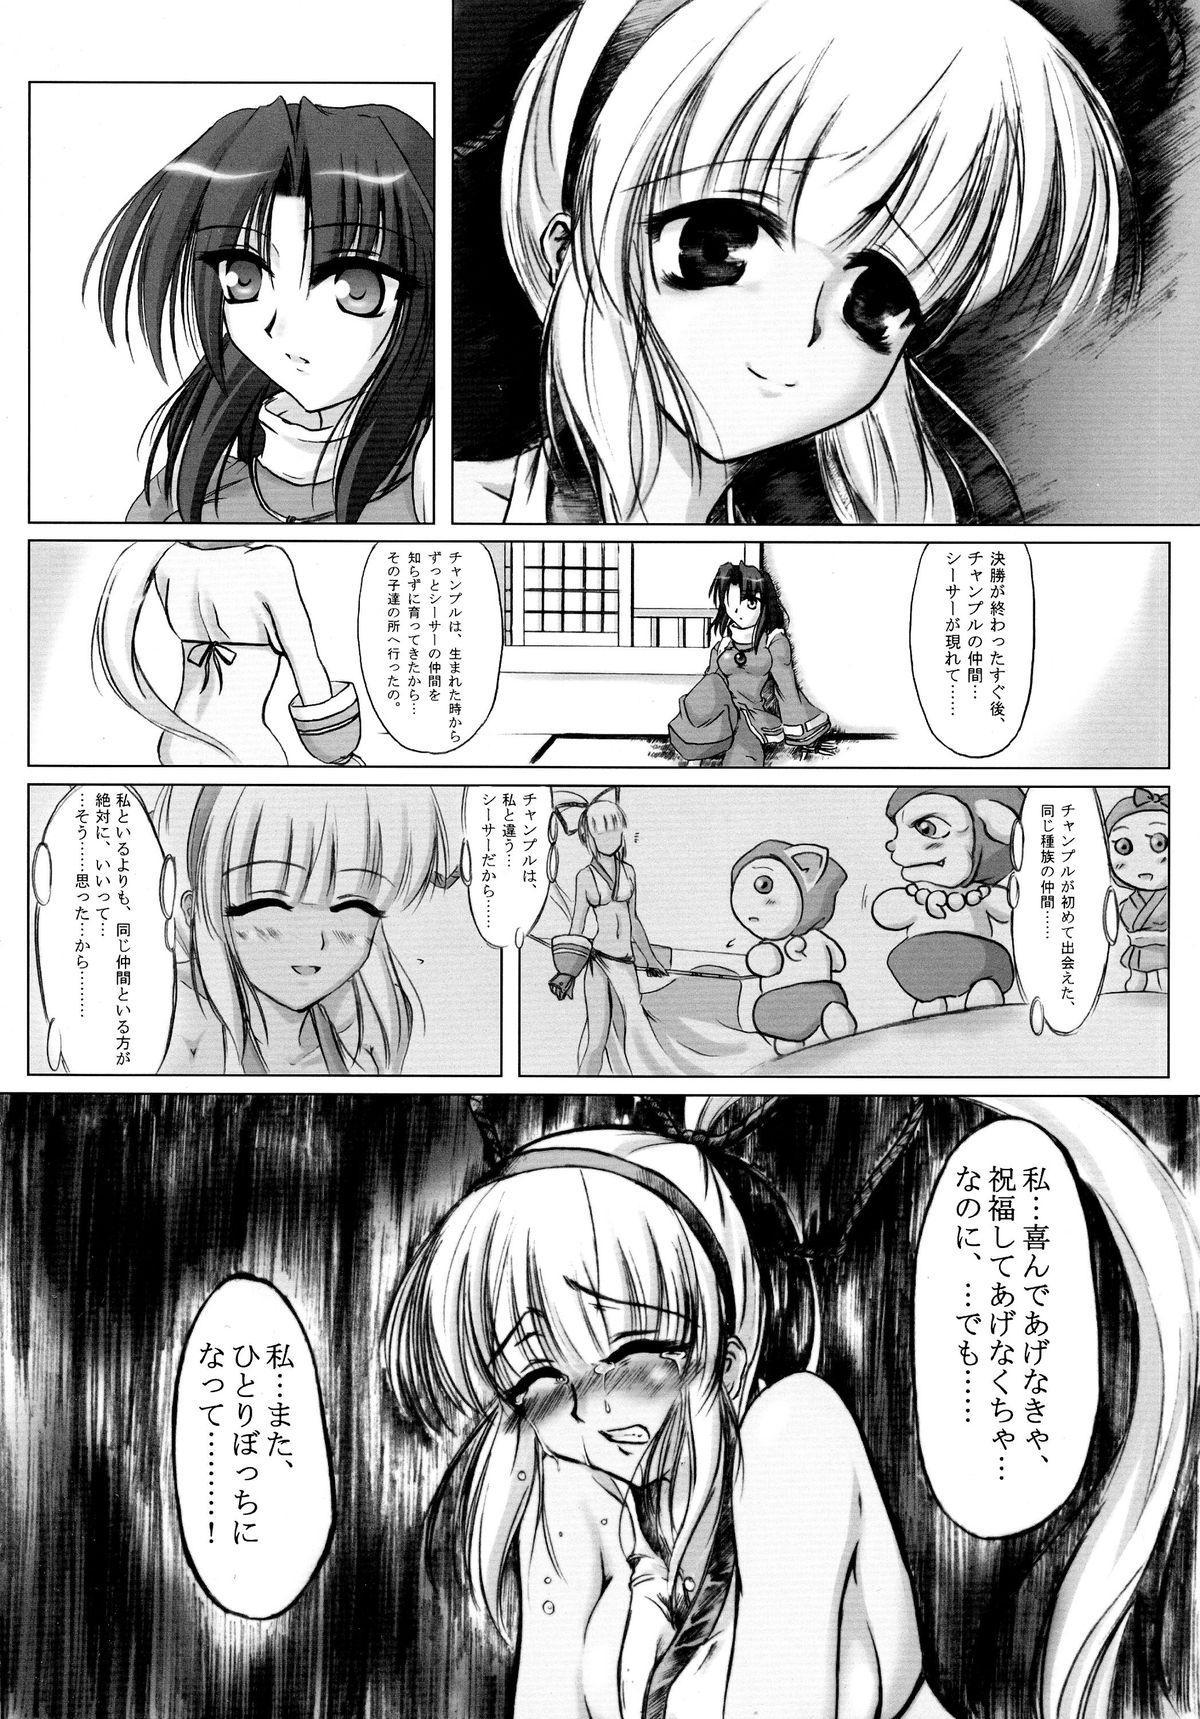 Awaku Soyofuku Ao Murasaki no Kaze 10